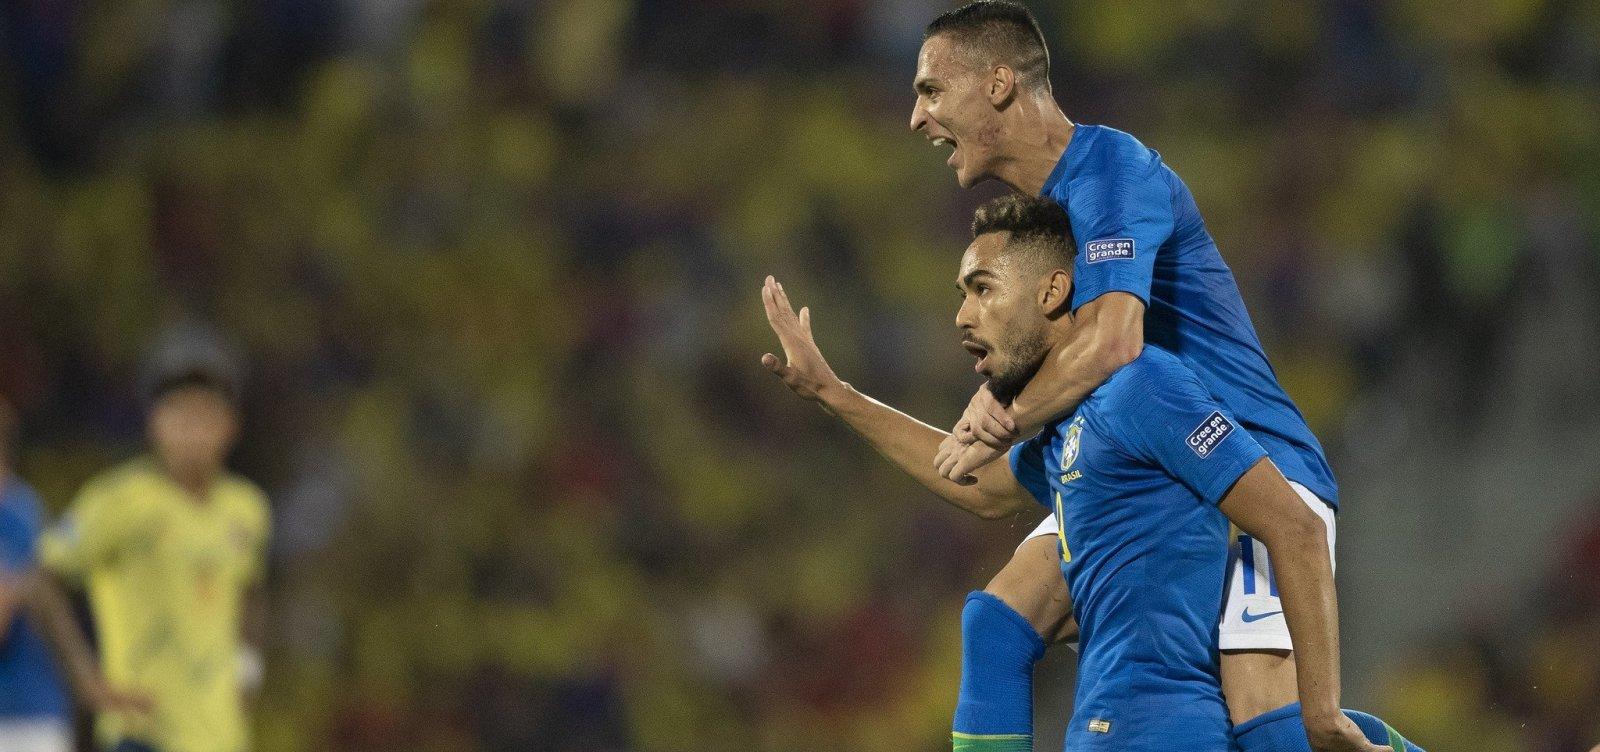 [Brasil leva susto, mas arranca empate da Colômbia em primeiro jogo da fase final do Pré-Olímpico]